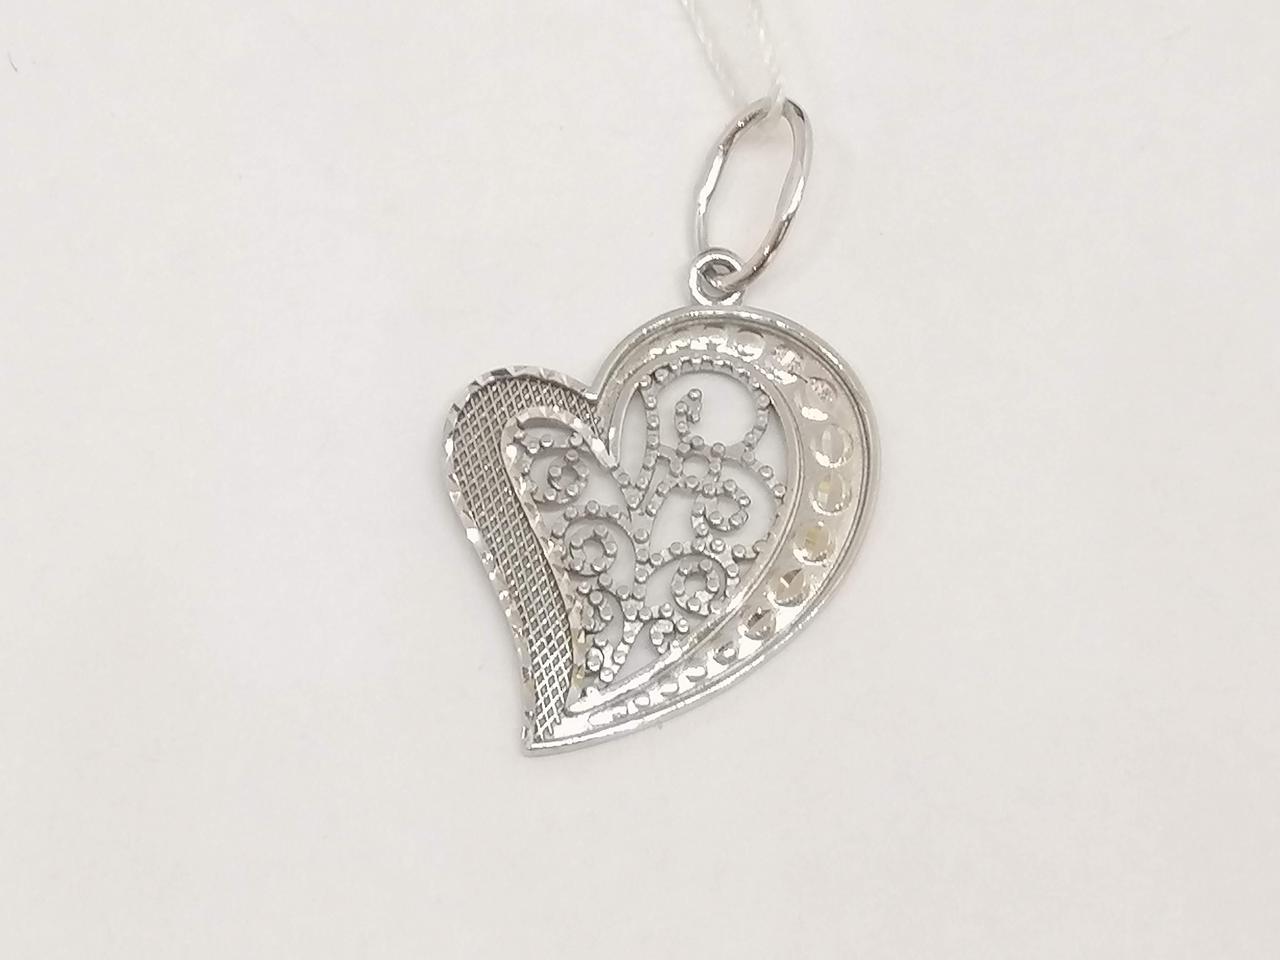 Золотая подвеска Сердце с алмазной гранью. Артикул 422387Б